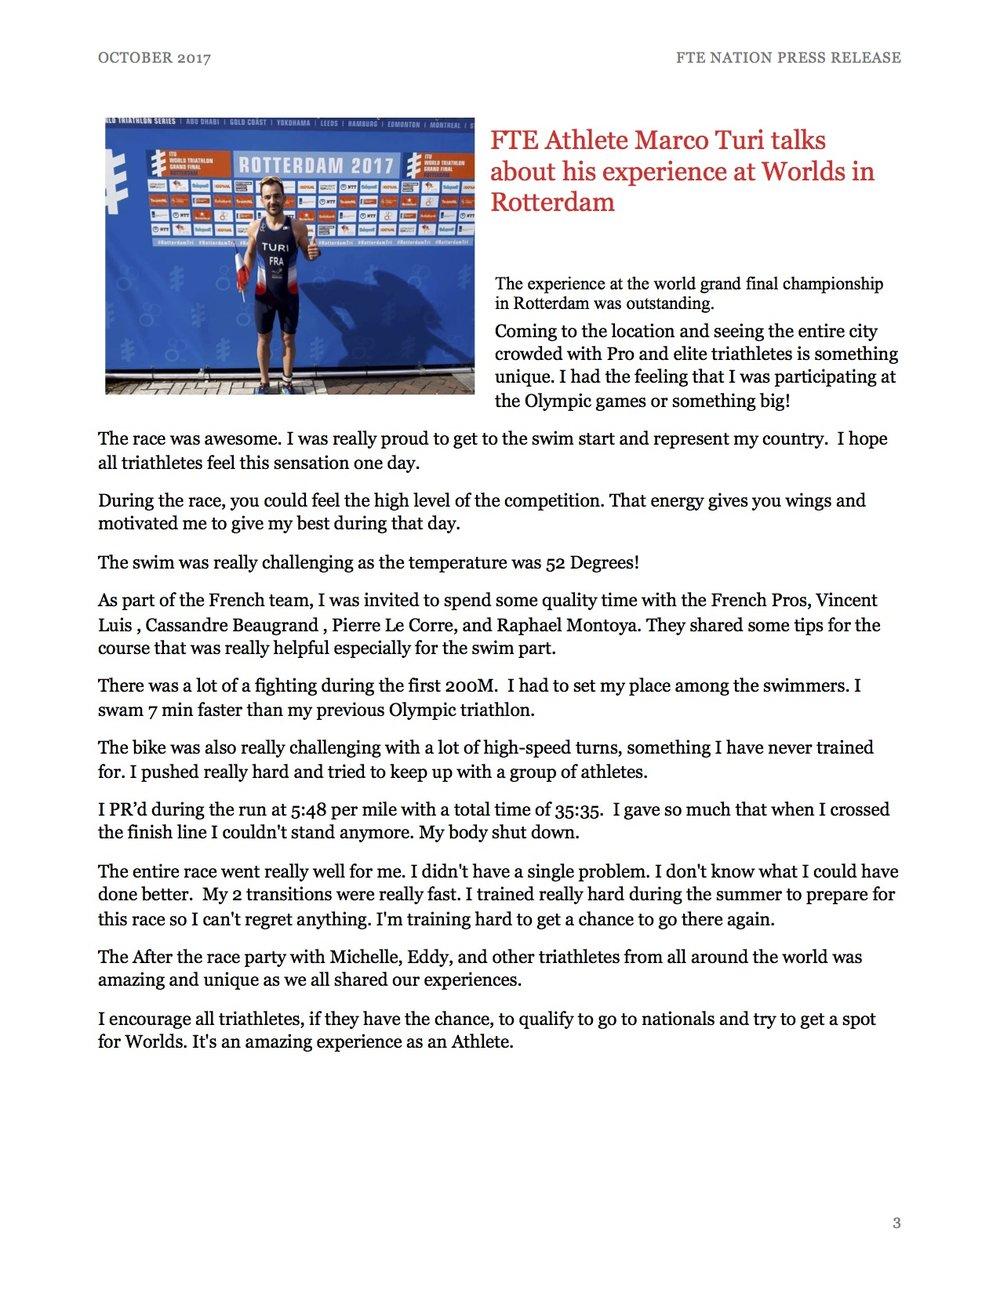 October 2017 press release 3.jpg